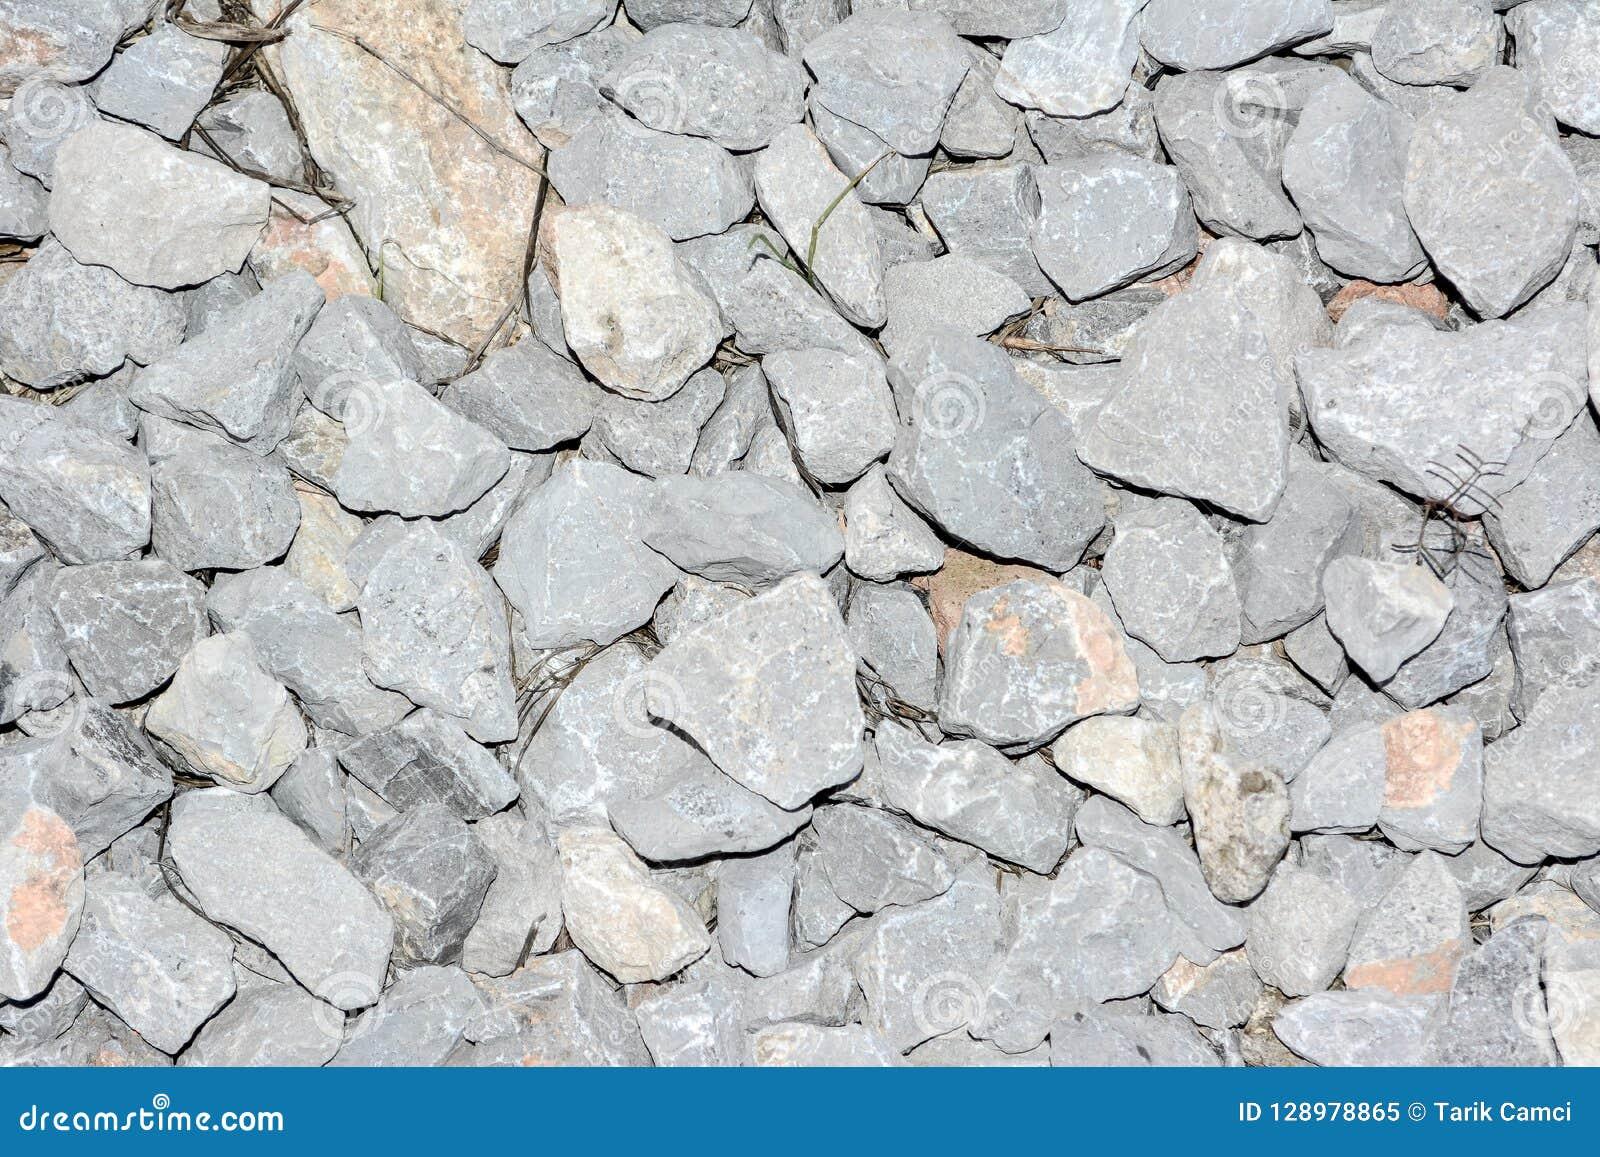 Stone pieces